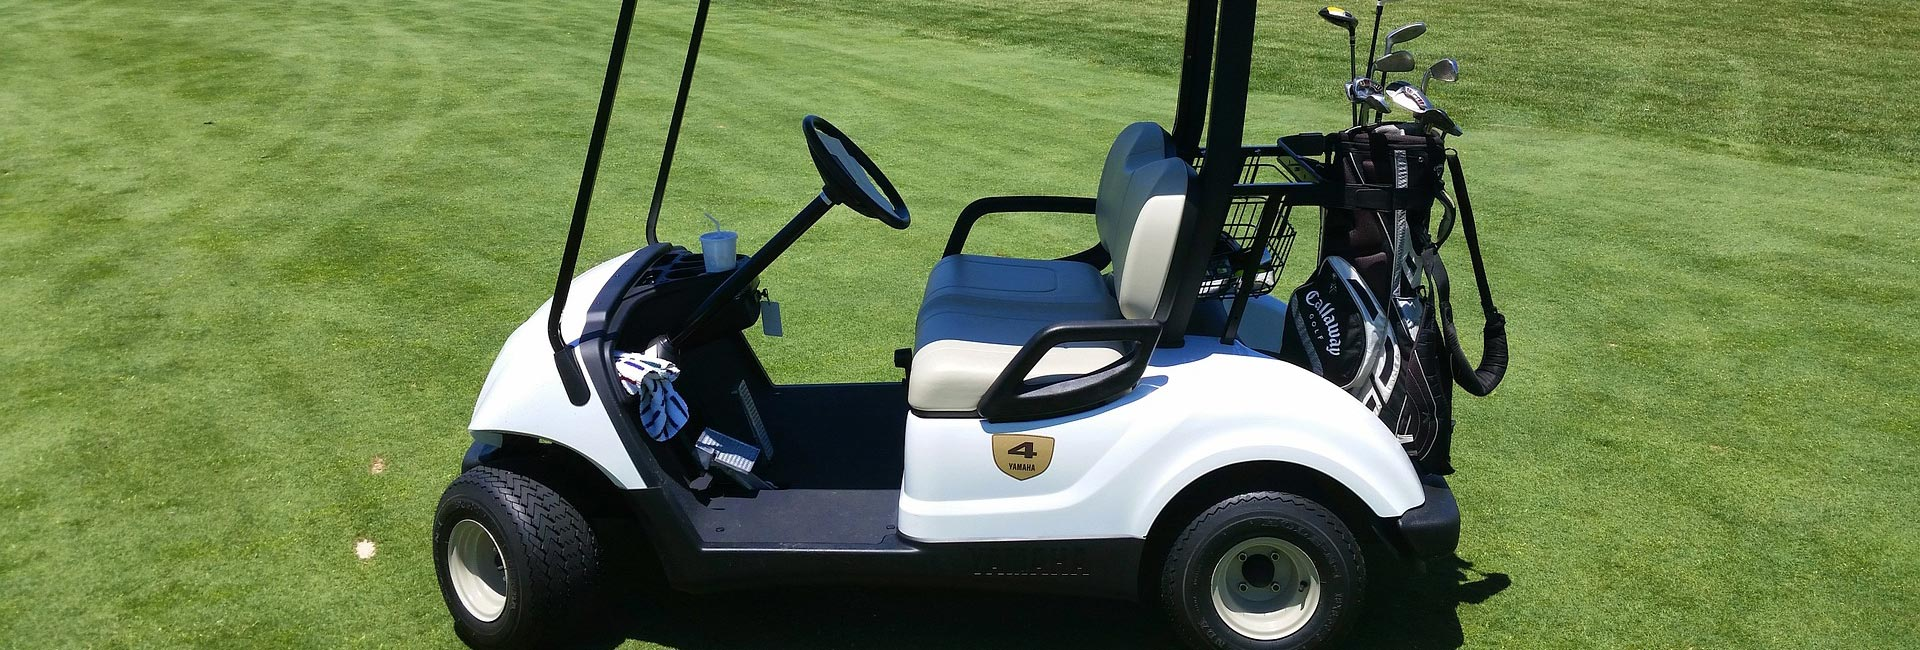 Elektro-Auto für Golfplatz von Gert Kaufmann